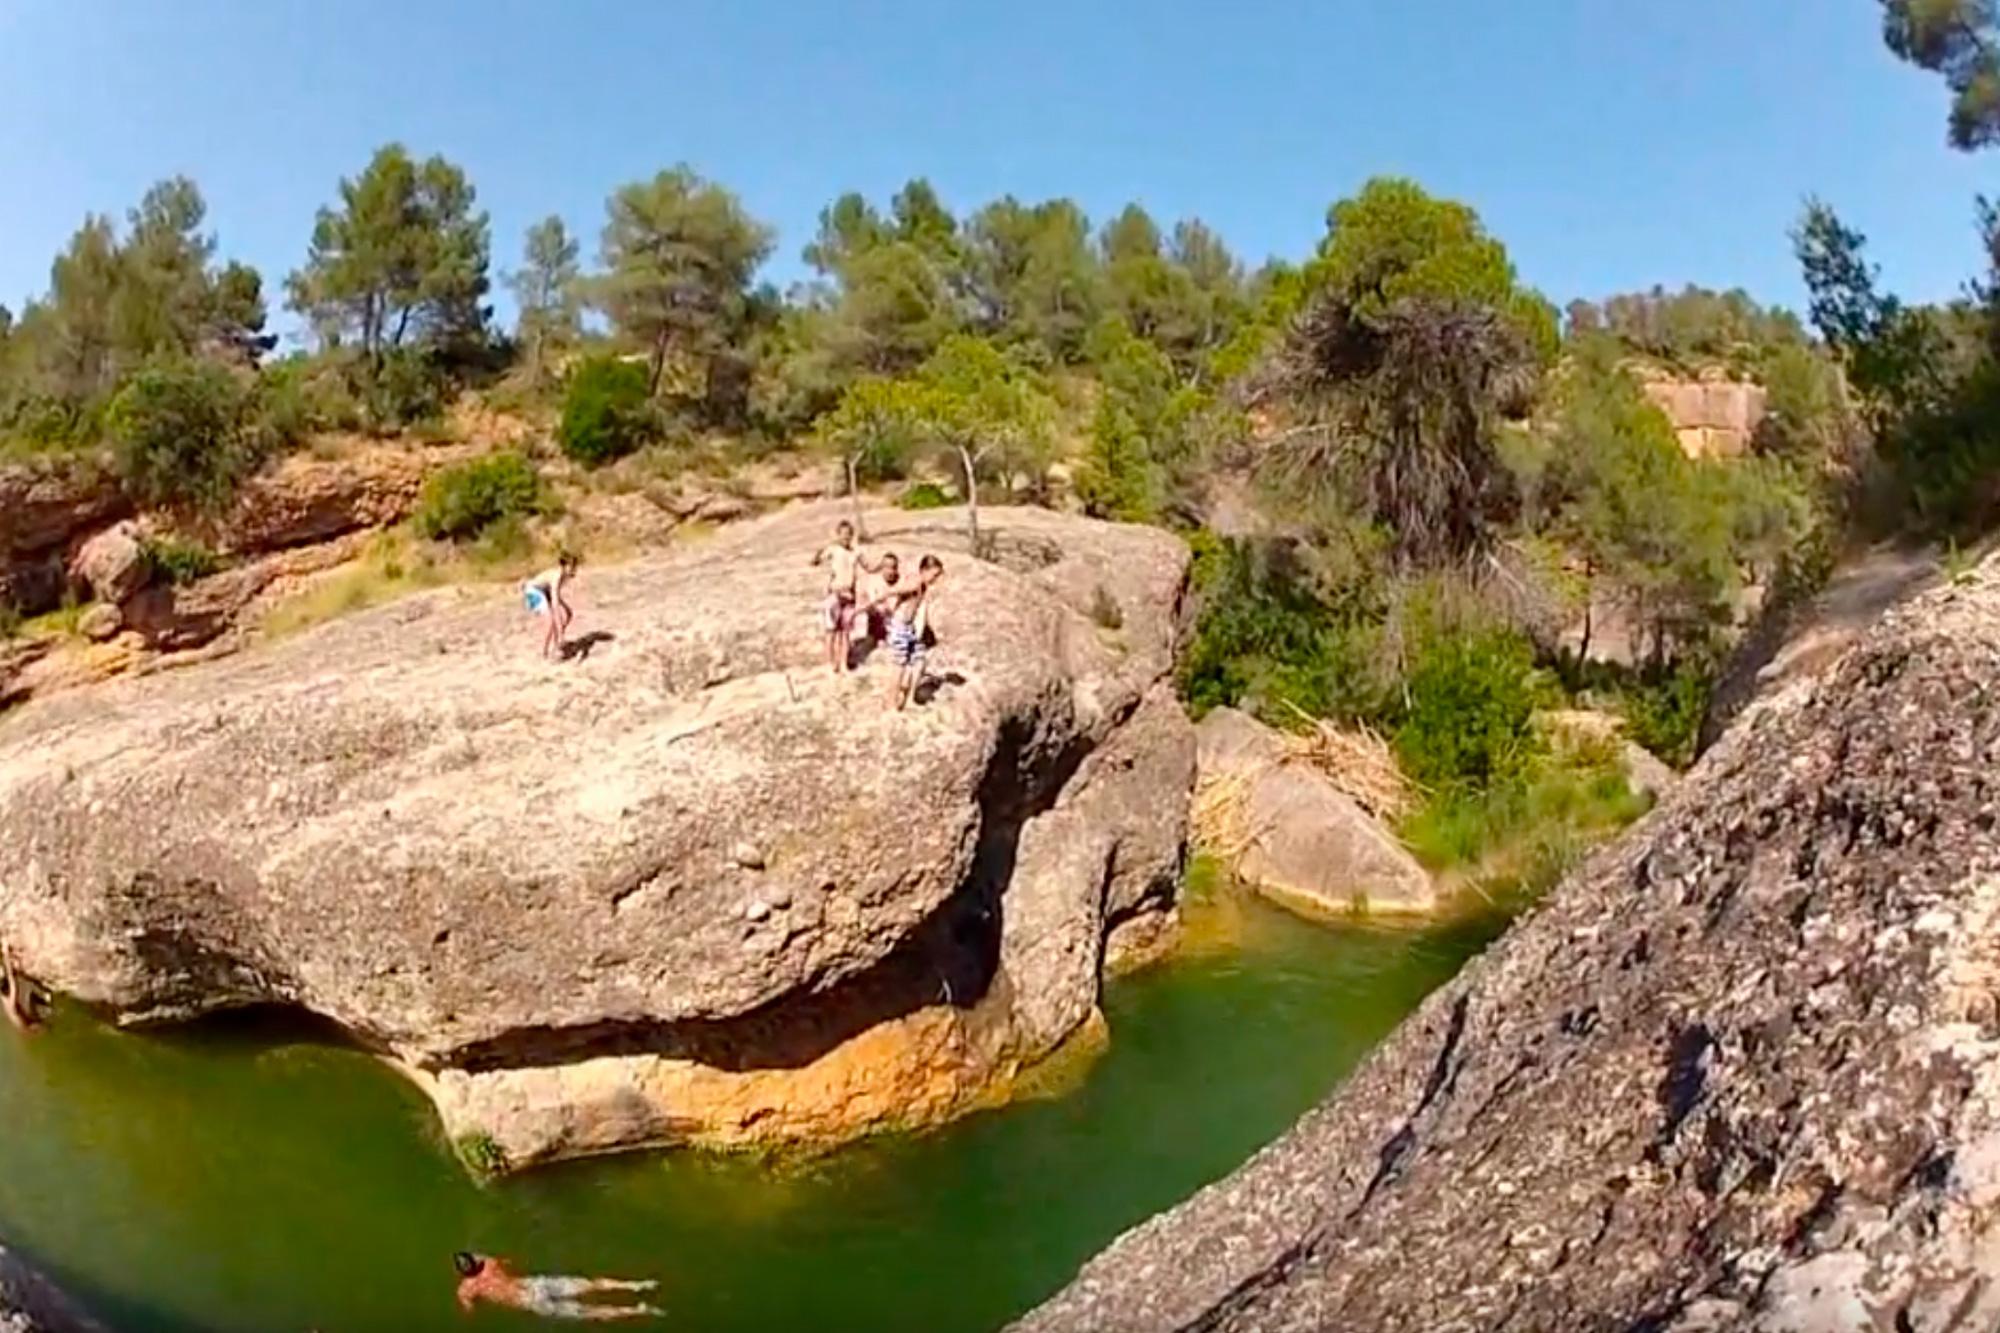 Les Olles de Horta de Sant Joan en el río Canaletes